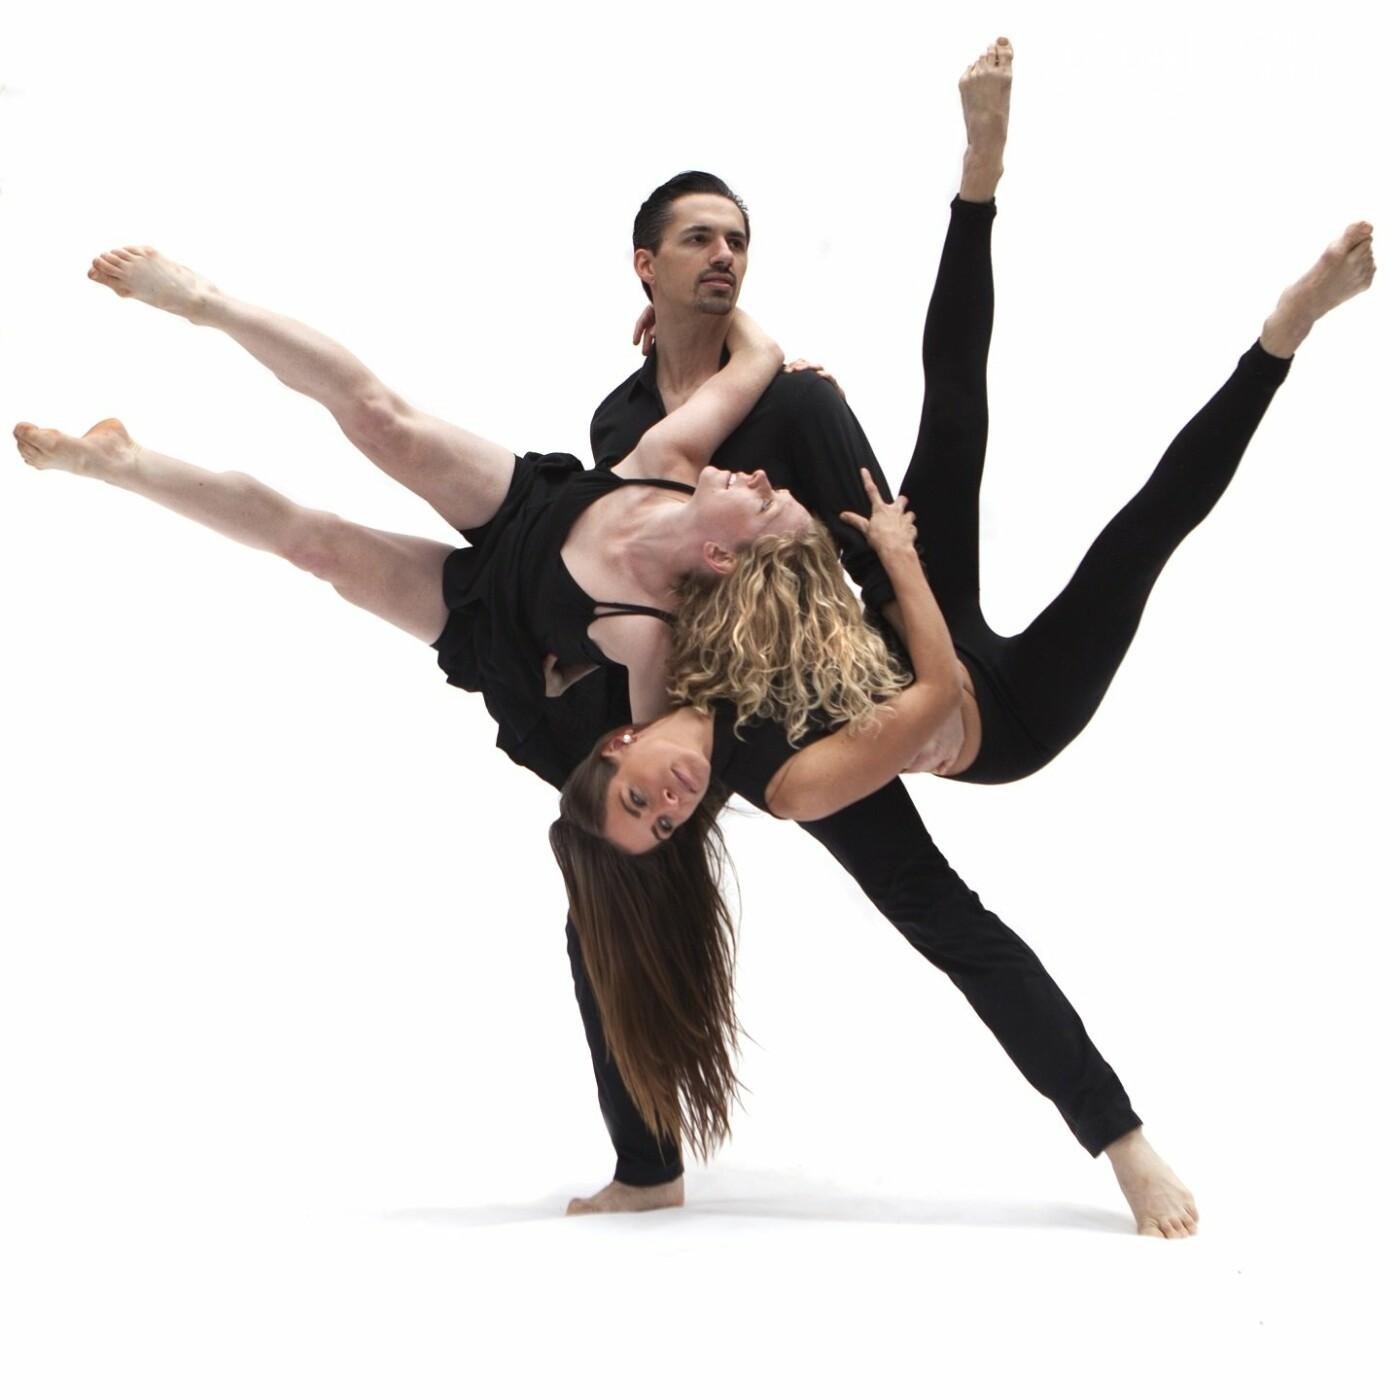 Американские артисты проведут в Краматорске бесплатные мастер-классы и кастинги для вокалистов и танцоров, фото-7